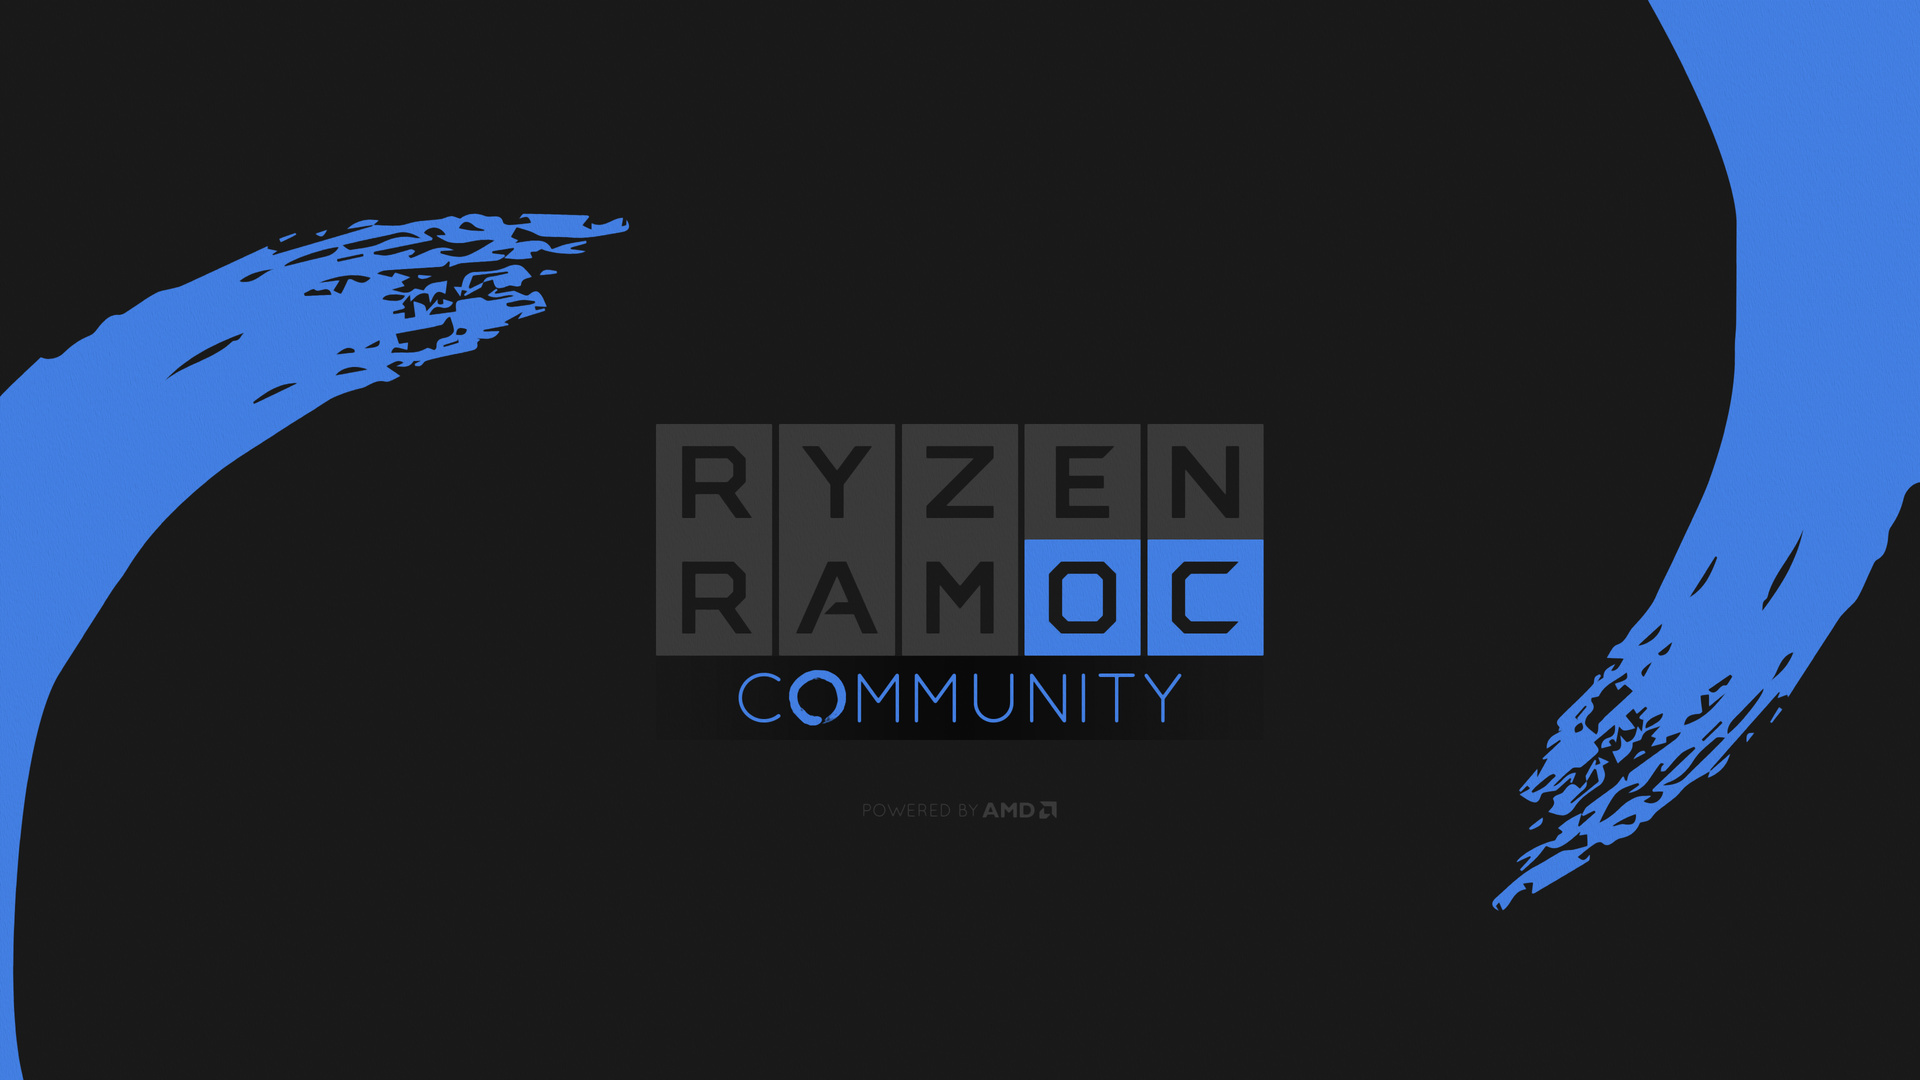 AMD Ryzen RAM OC Community Wallpaper in einer der fünf Farben